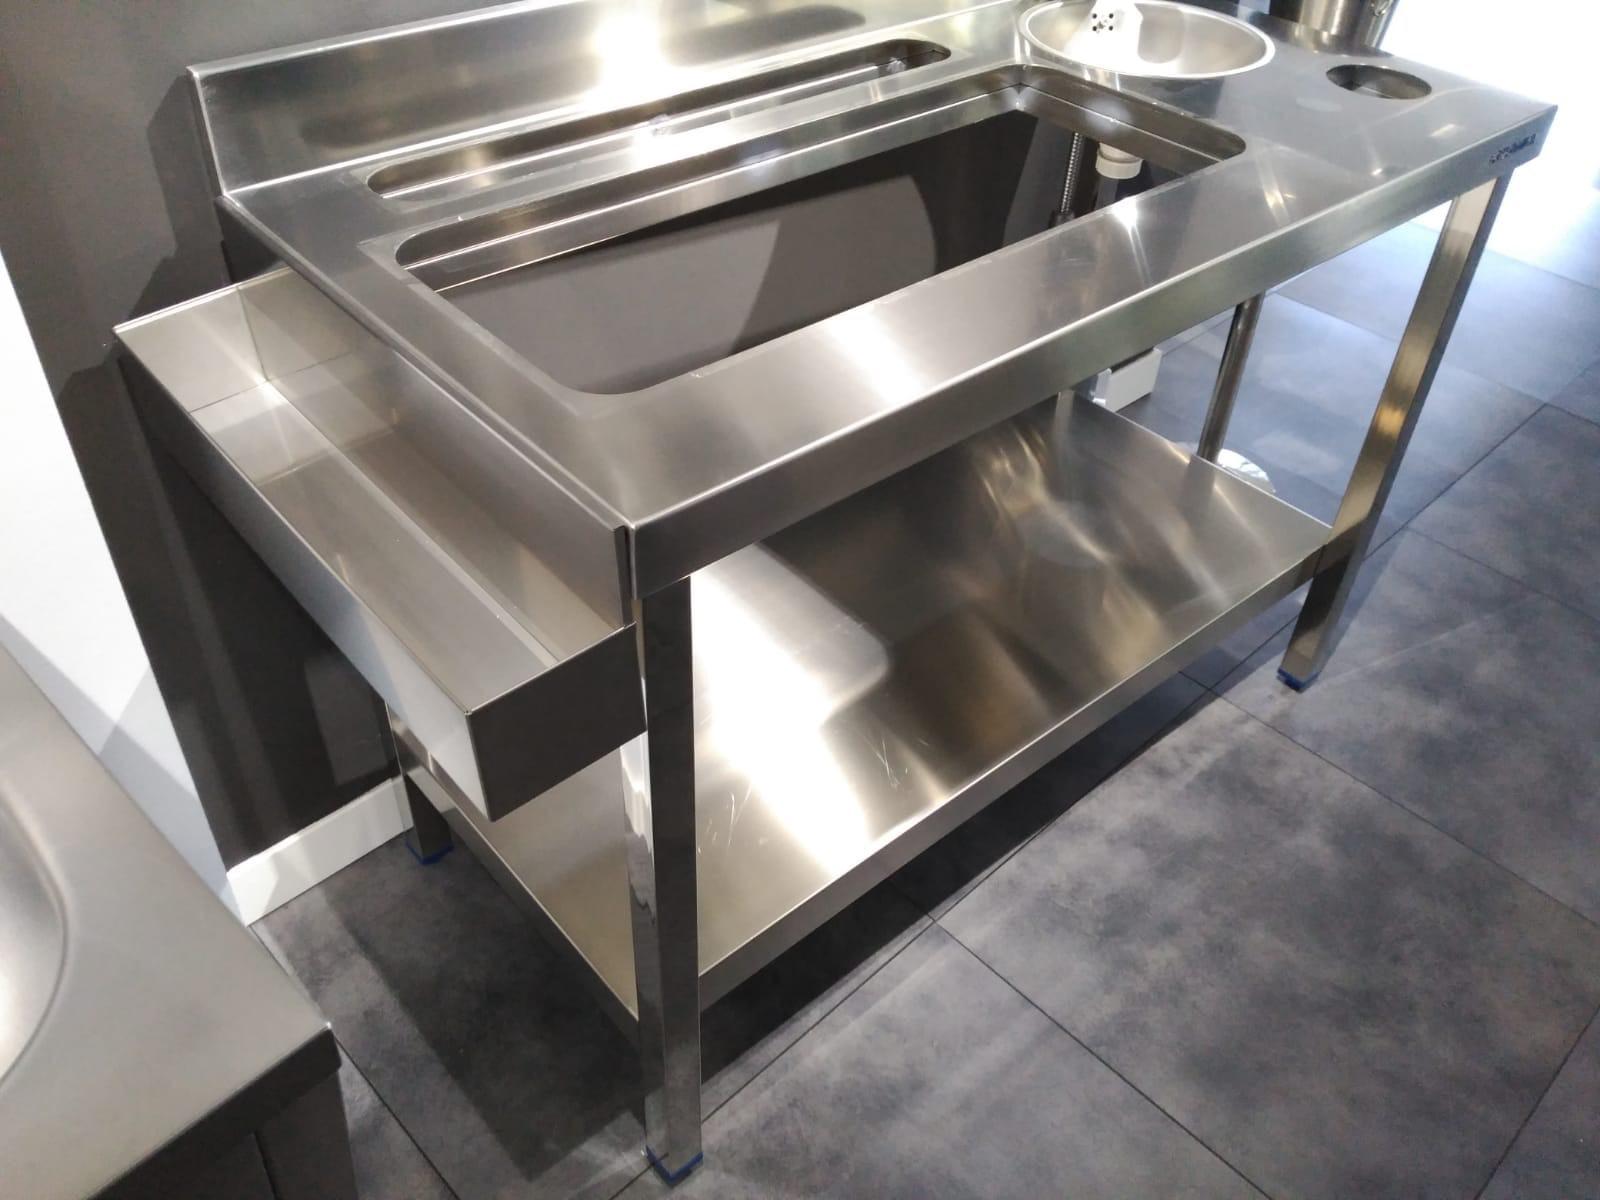 diseño fabricación fabricantes mobiliario maquinario accesorios acero inox acero inoxidable cocteleria cocktel instaladores instalación en toda españa madrid mesa barra fabrica